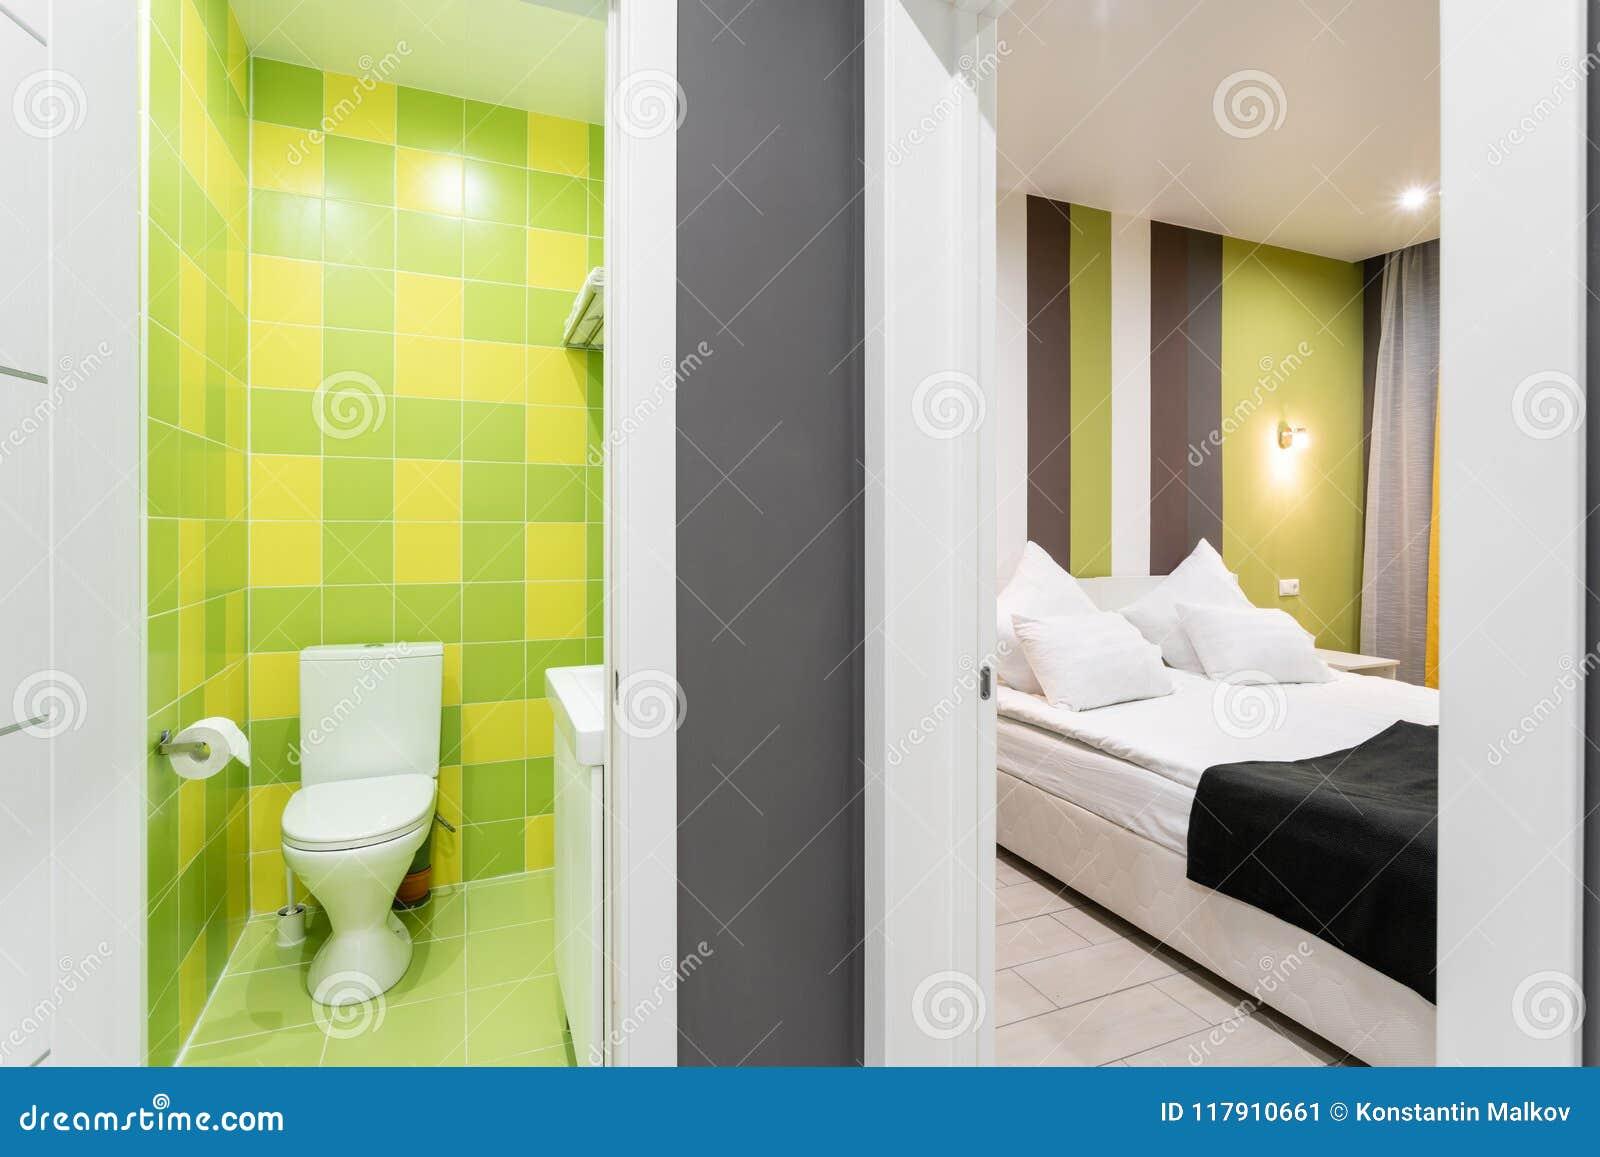 Salle De Bains Avec La Douche, La Cuvette Des Toilettes Et L\'évier ...